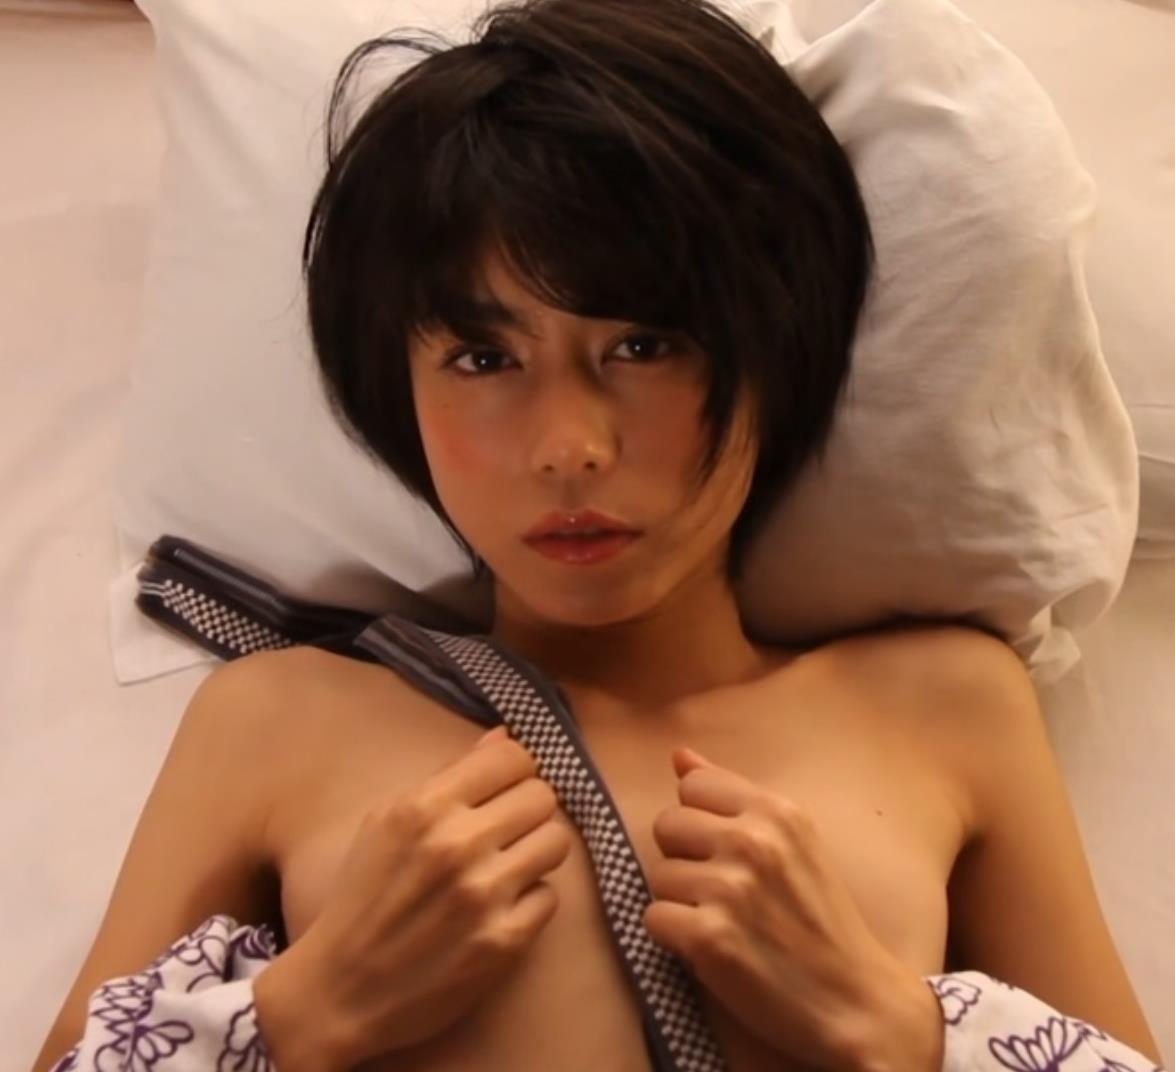 グラビアアイドルGIF画像 再現ドラマの女王の芳野友美のエロギフ